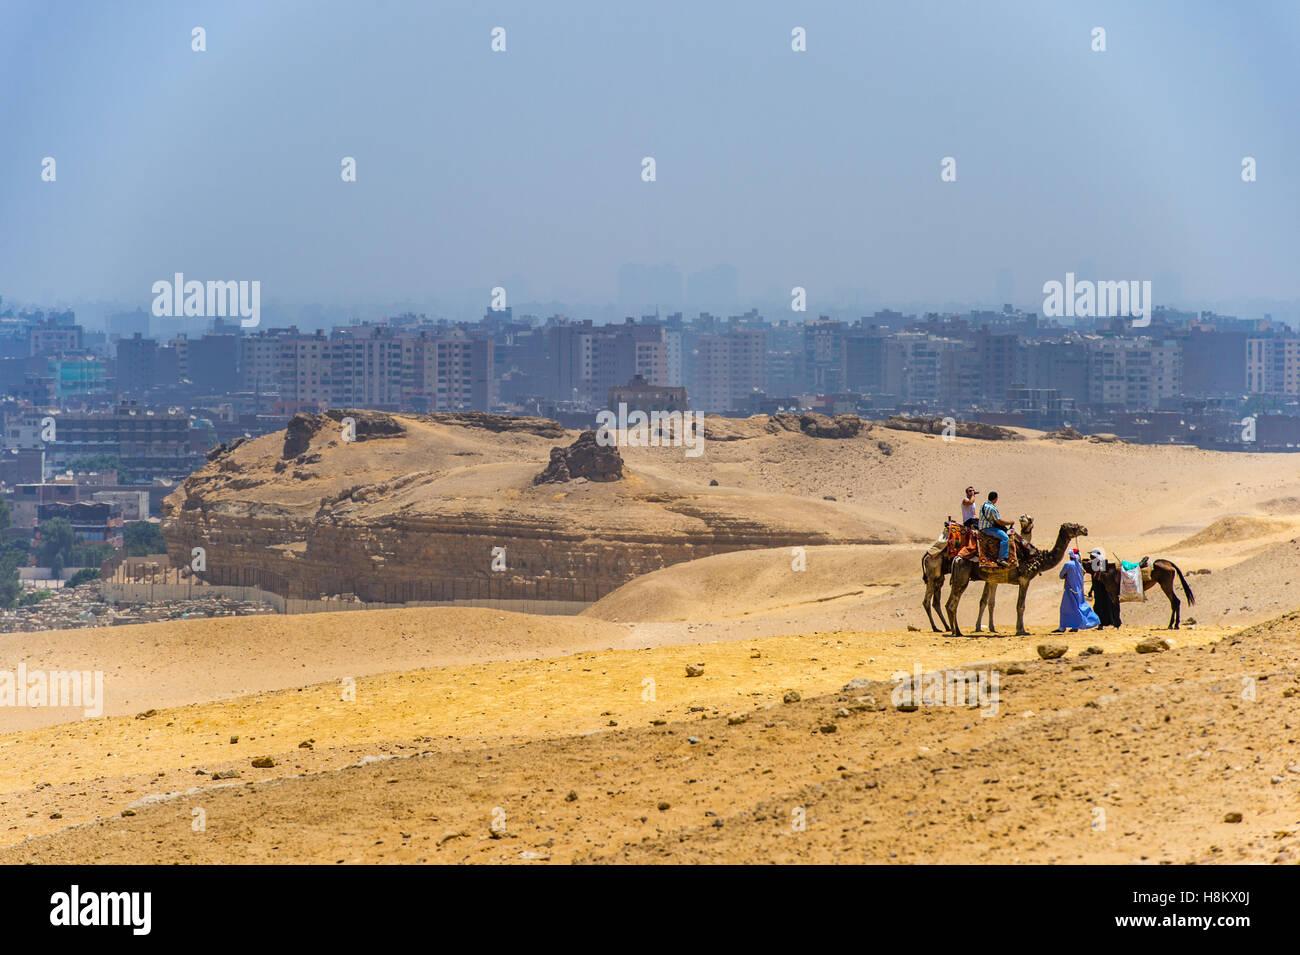 El Cairo, Egipto, camelleros y turistas montar camellos y caballos a través del desierto con la ciudad de El Imagen De Stock